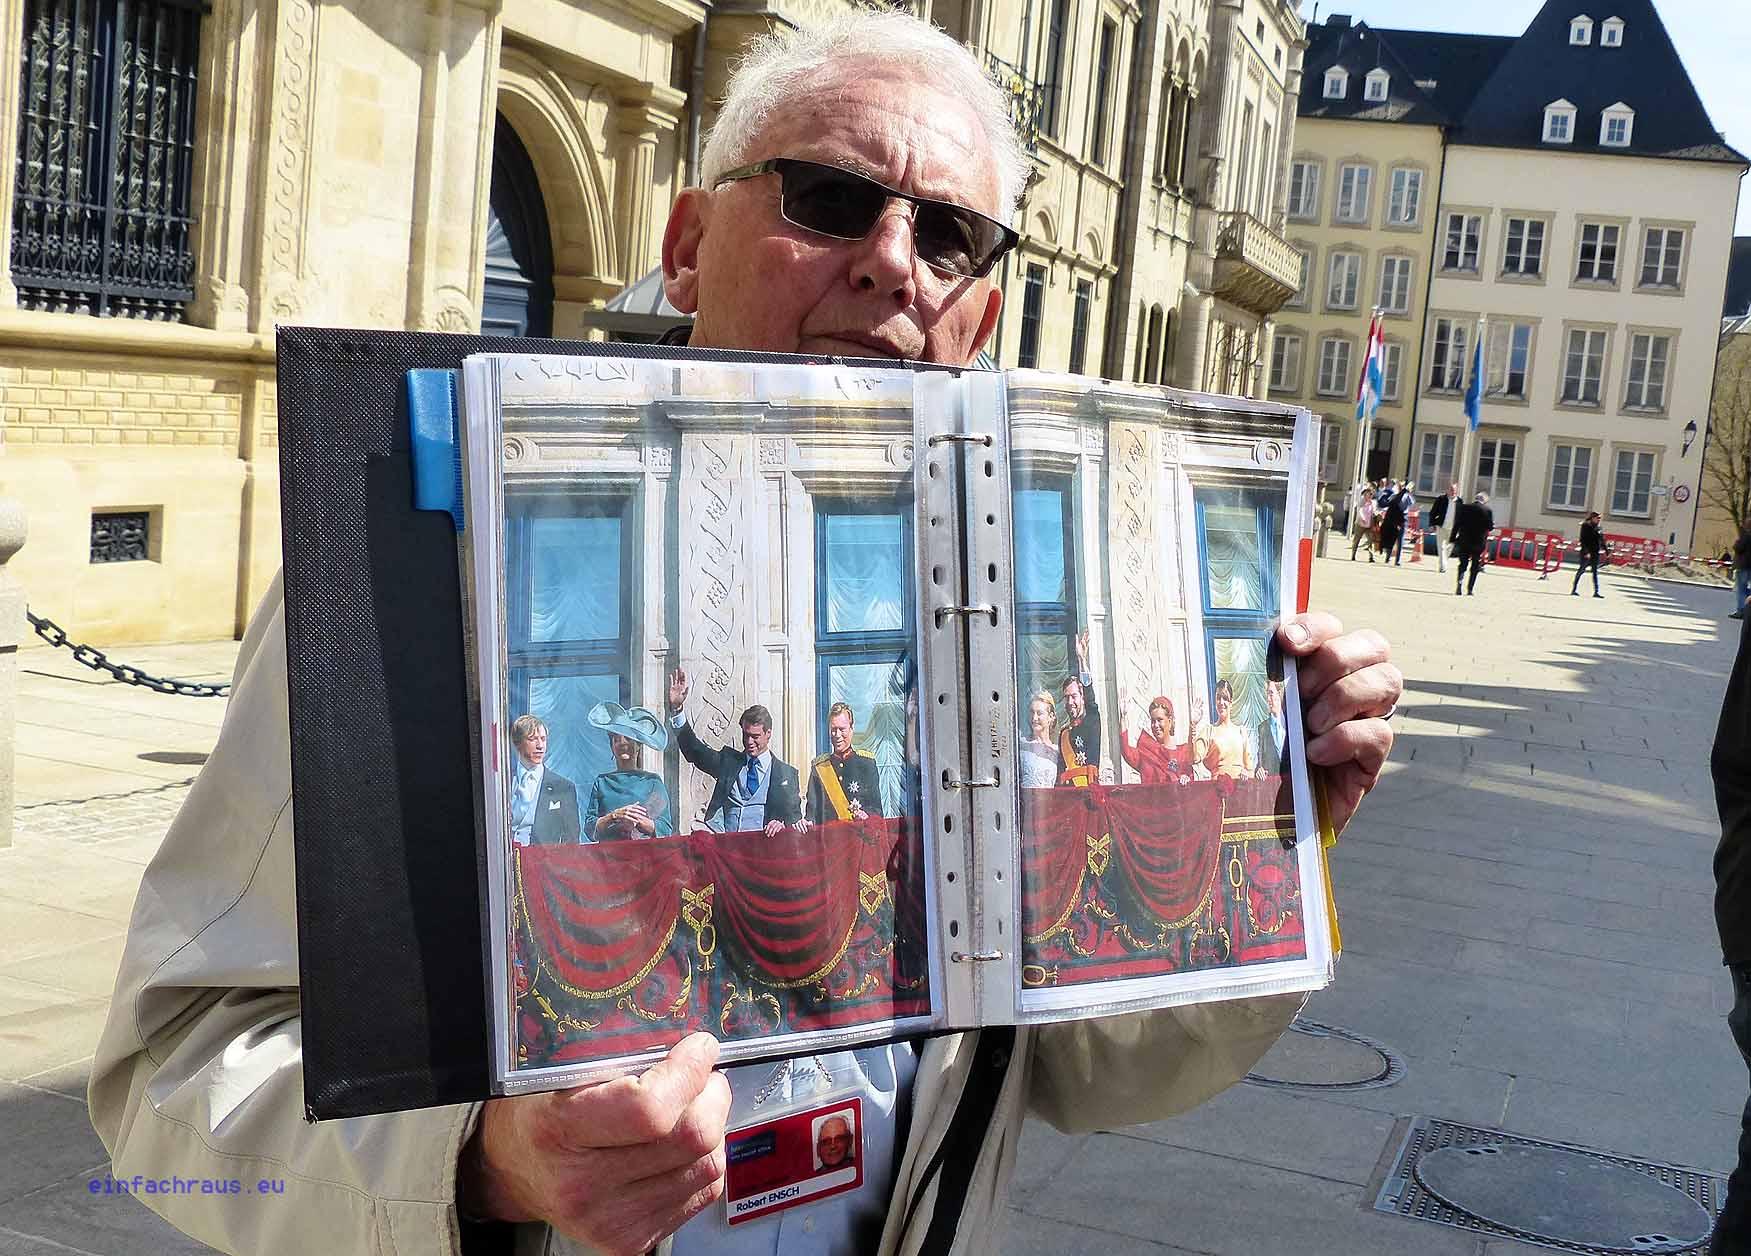 Stolz zeigt der Stadtführer ein Bild der großherzoglichen Famili, Foto: D.Weirauch